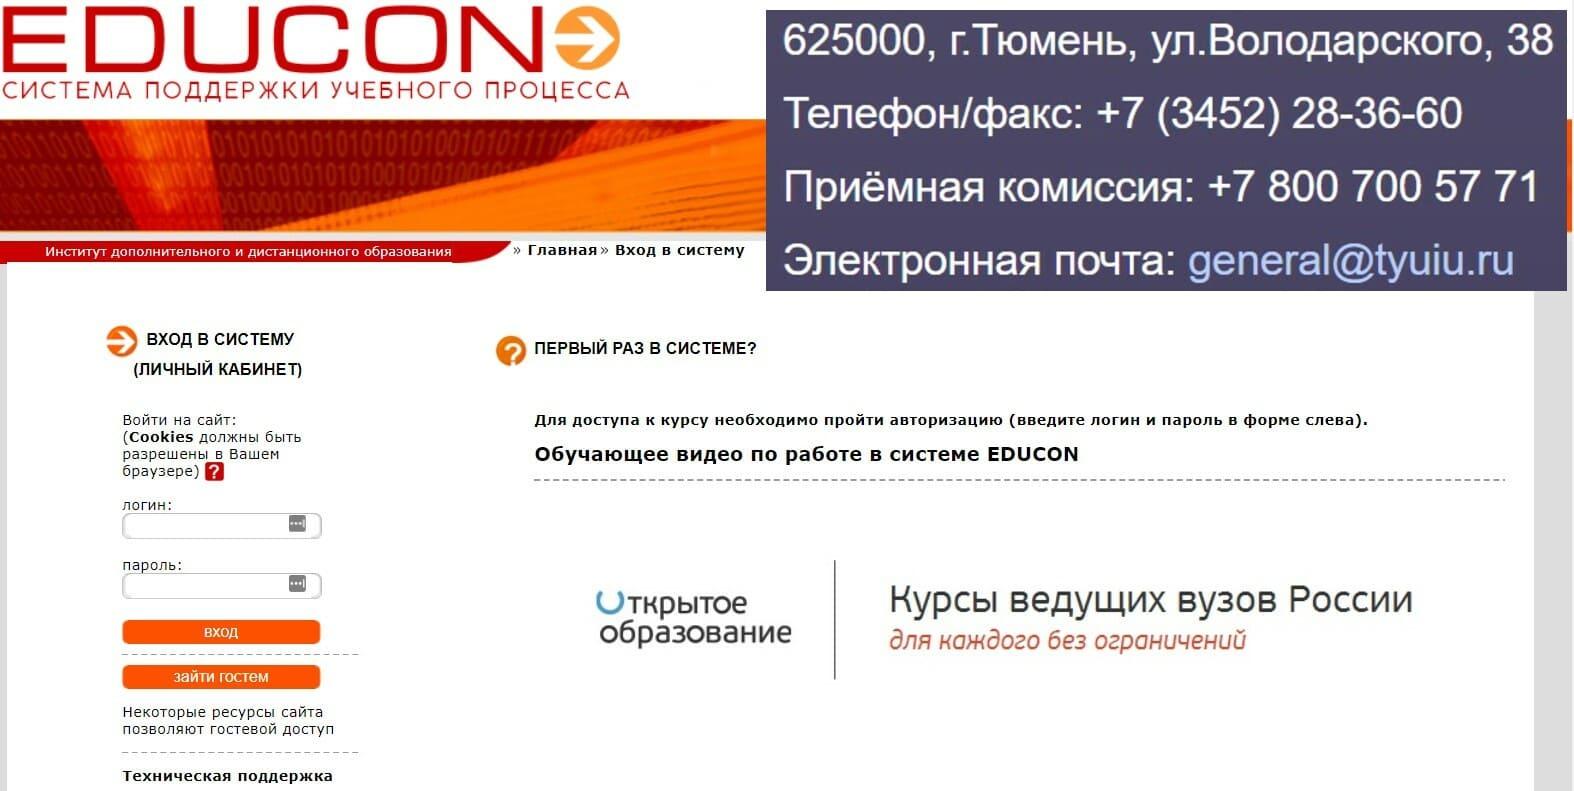 Ссылка на сайт Тюменского индустриального университета